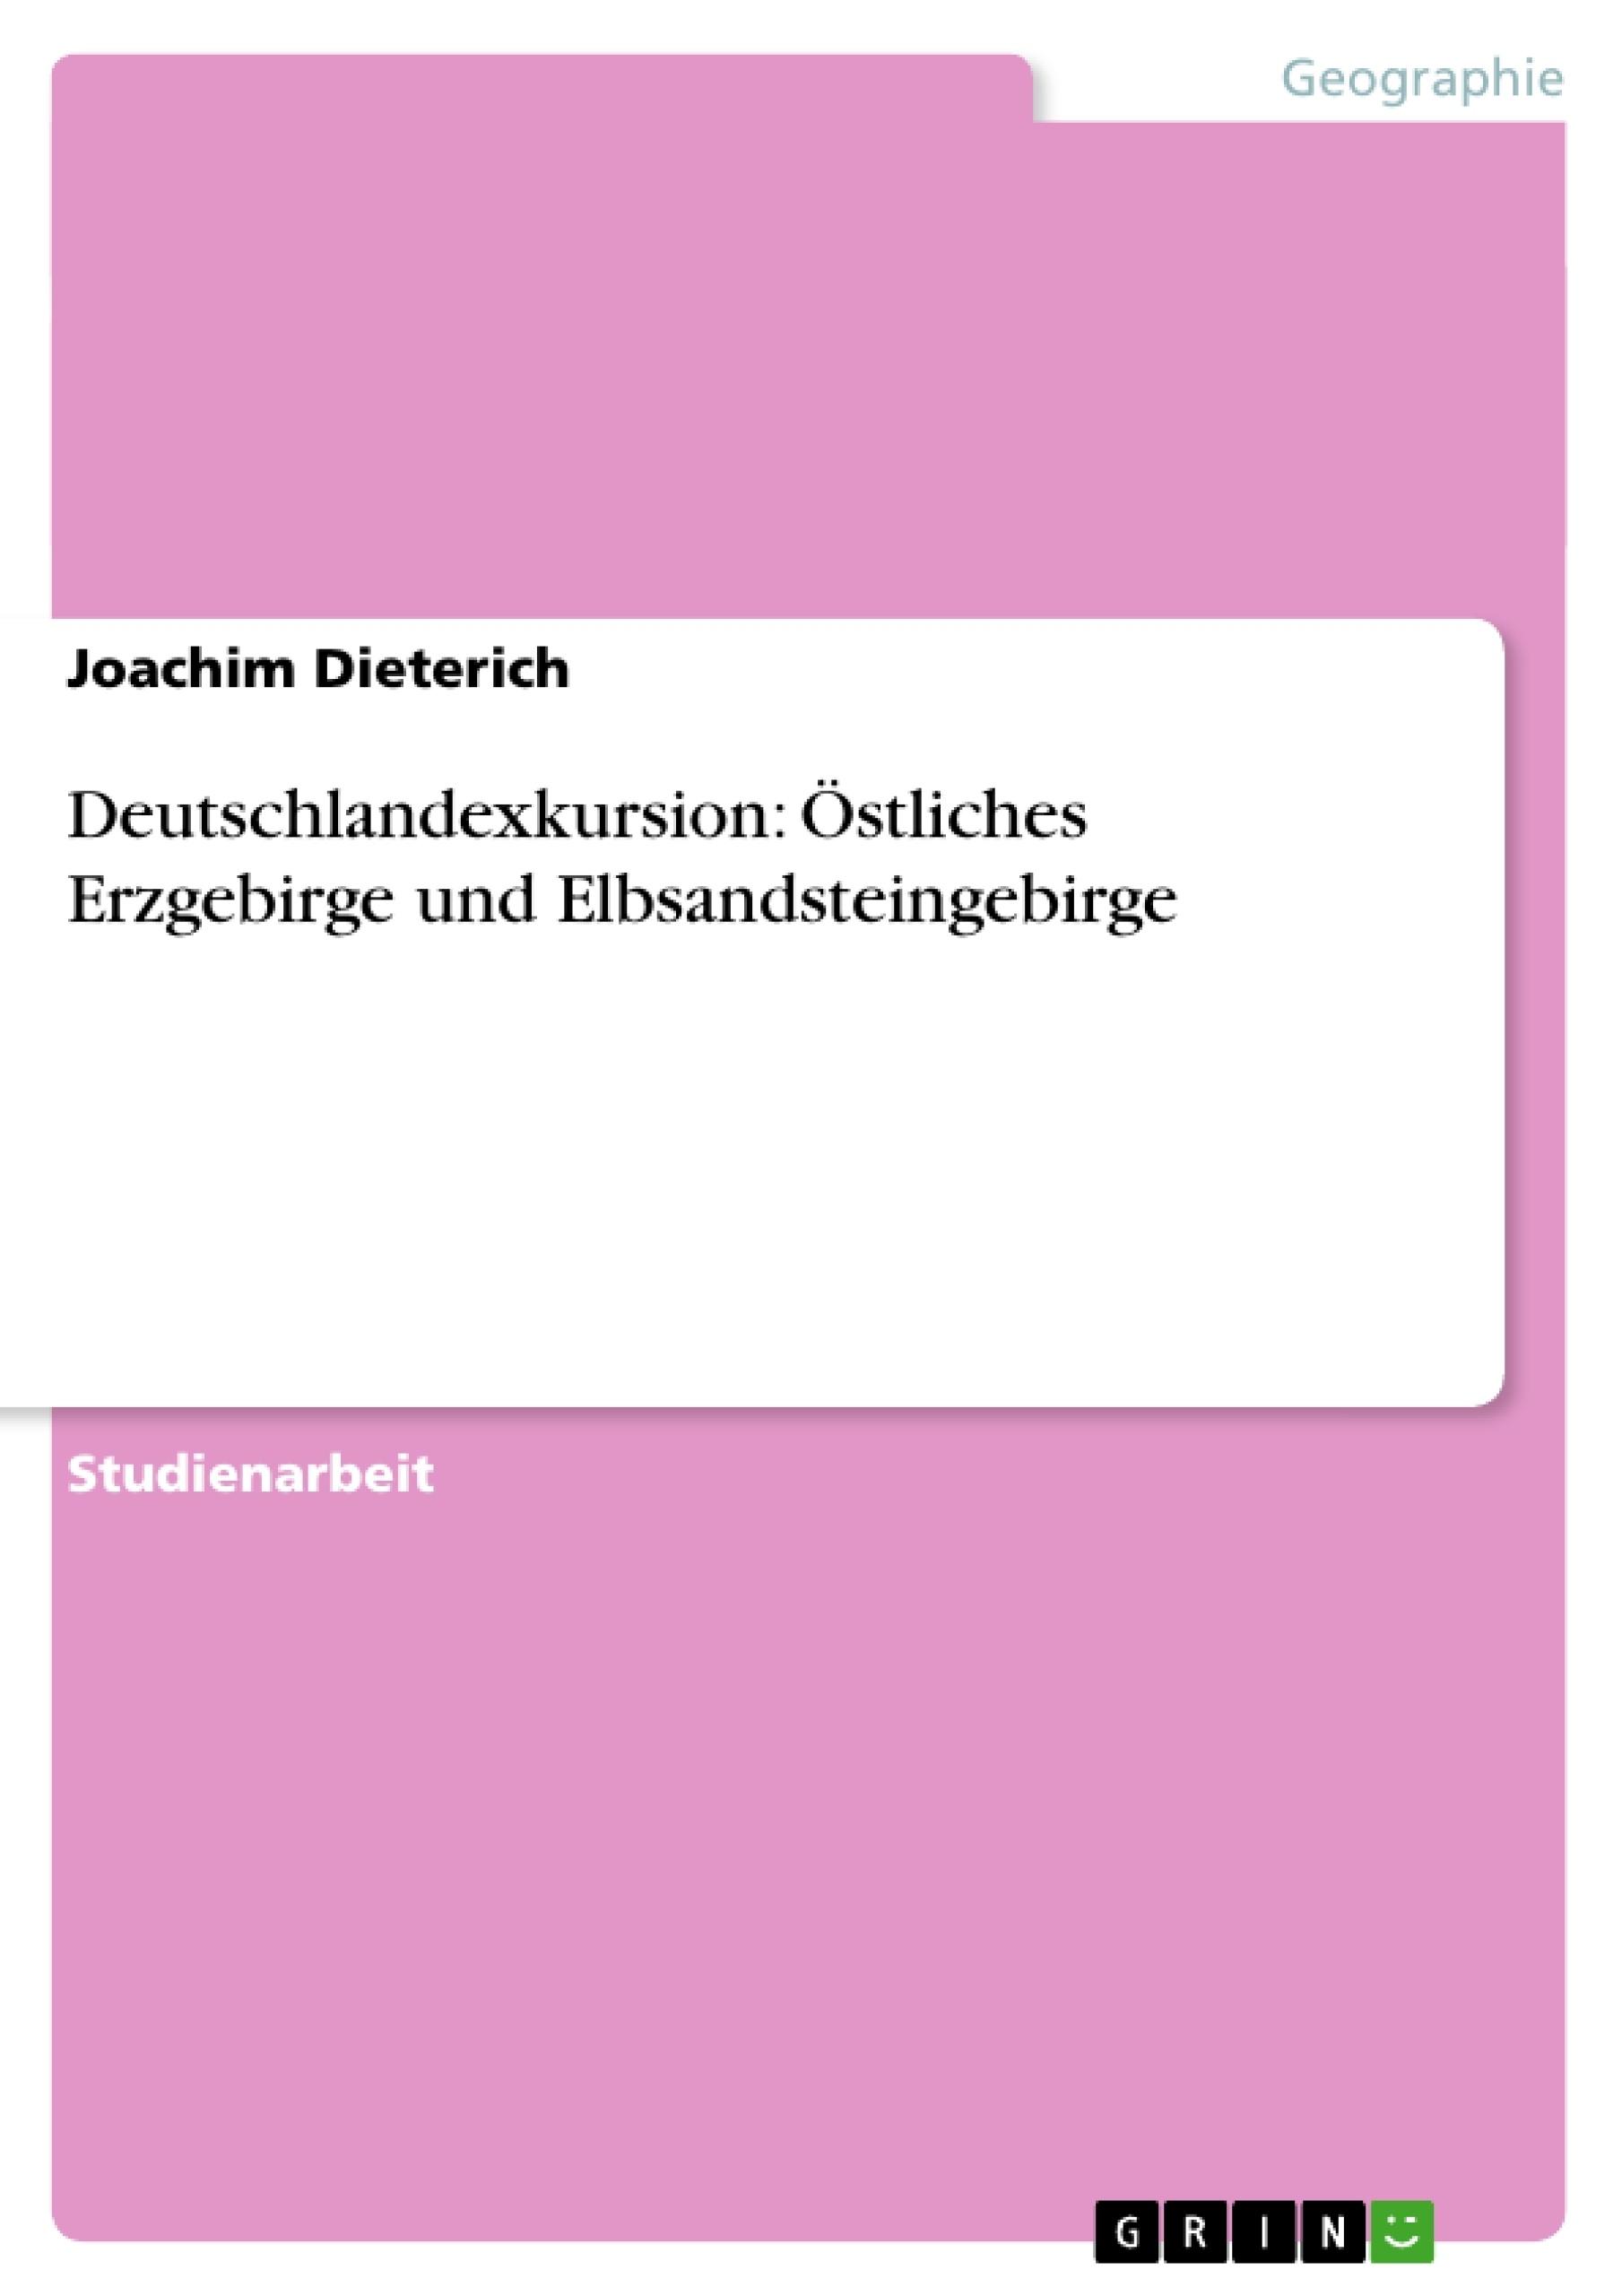 Titel: Deutschlandexkursion: Östliches Erzgebirge und Elbsandsteingebirge